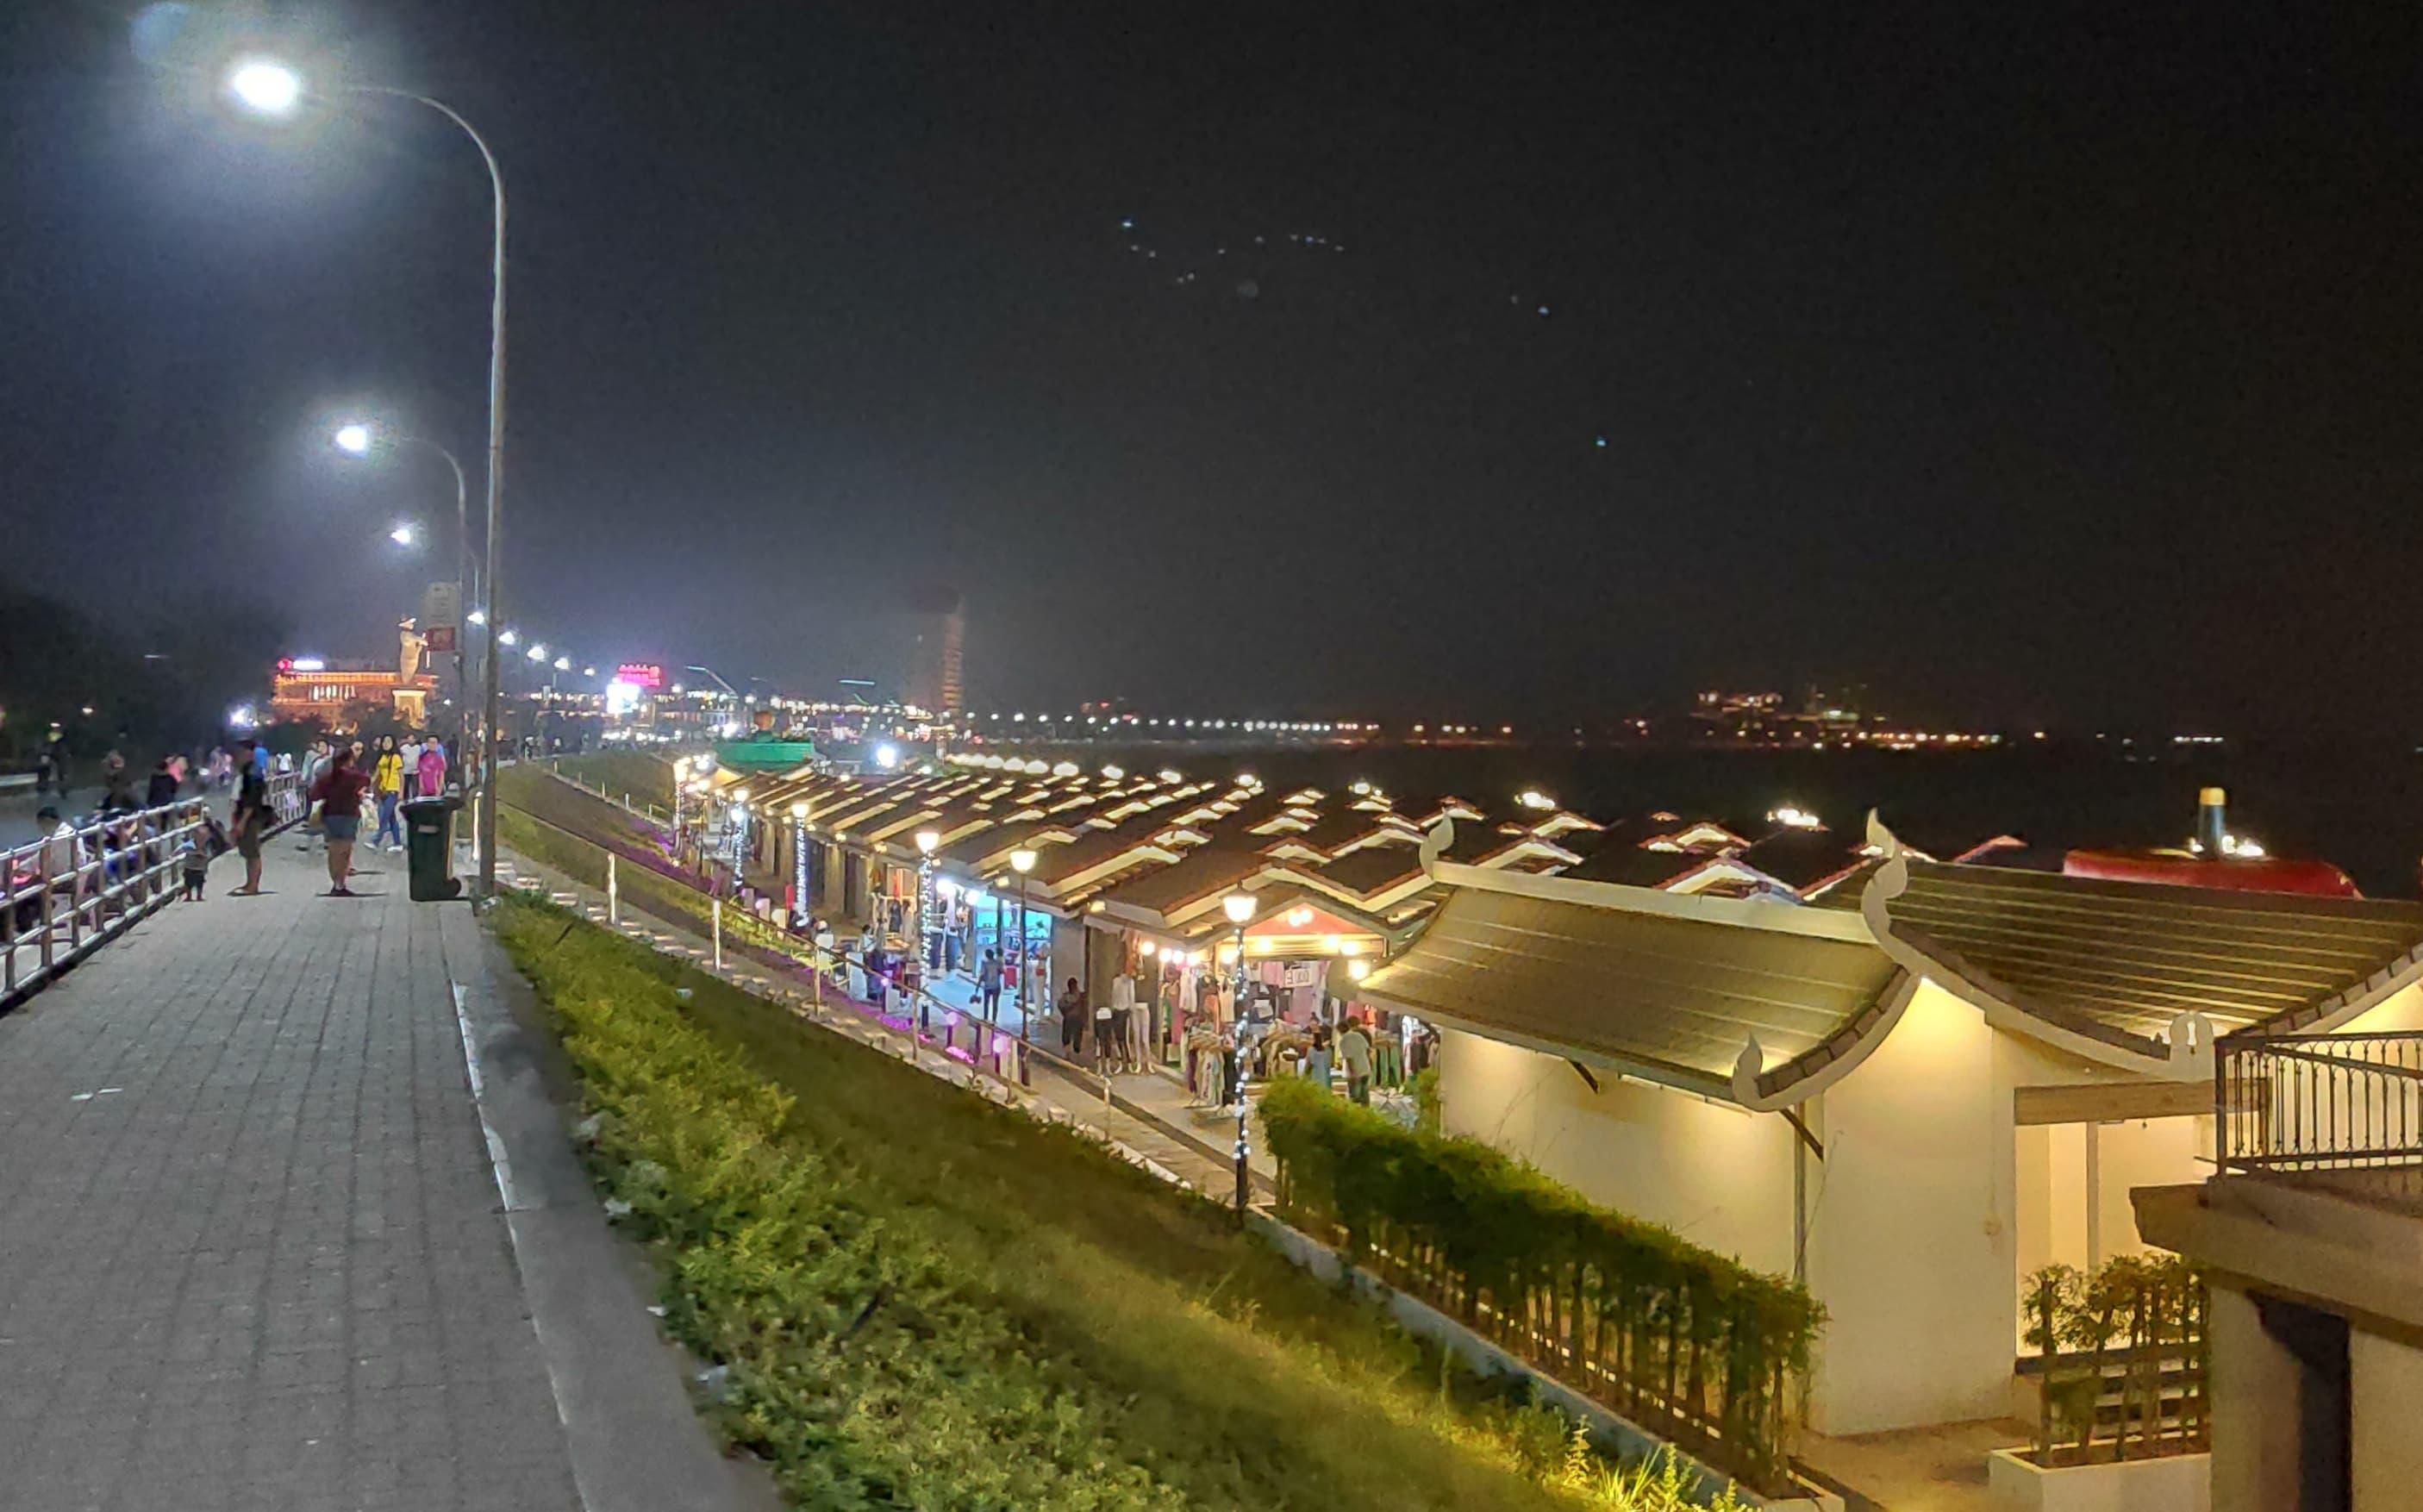 Der Nachtmarkt in Vientiane in Laos wird von vielen Einheimischen besucht.